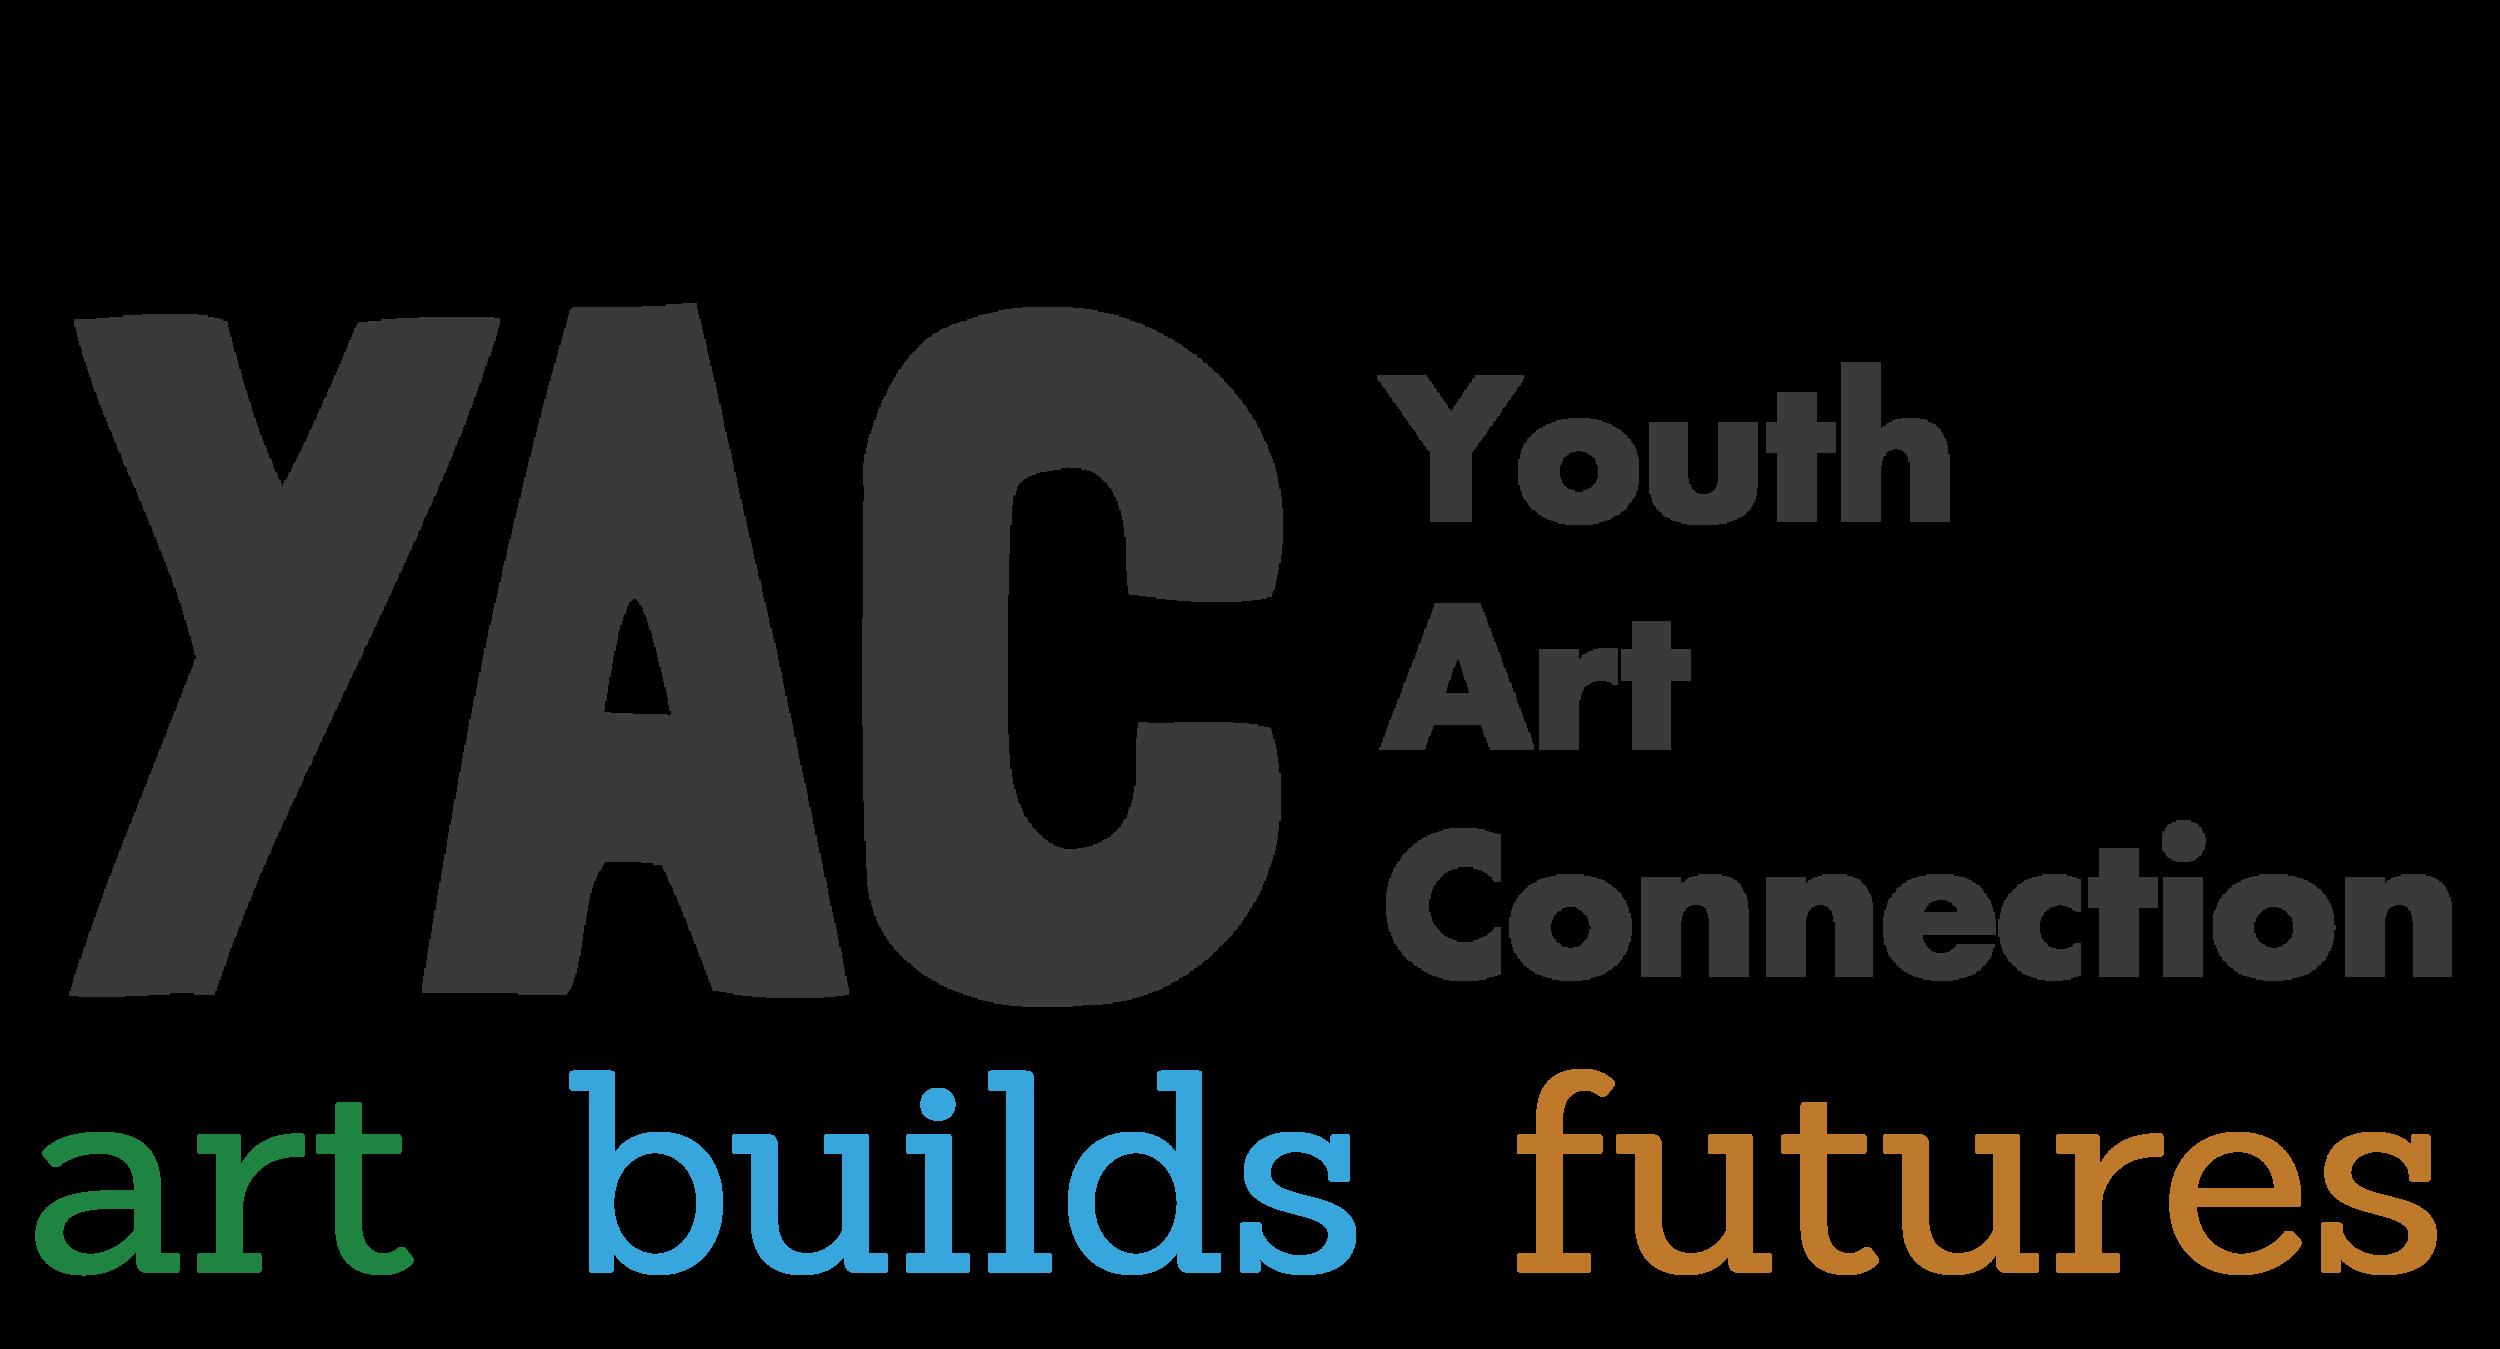 yac-logo-1.png